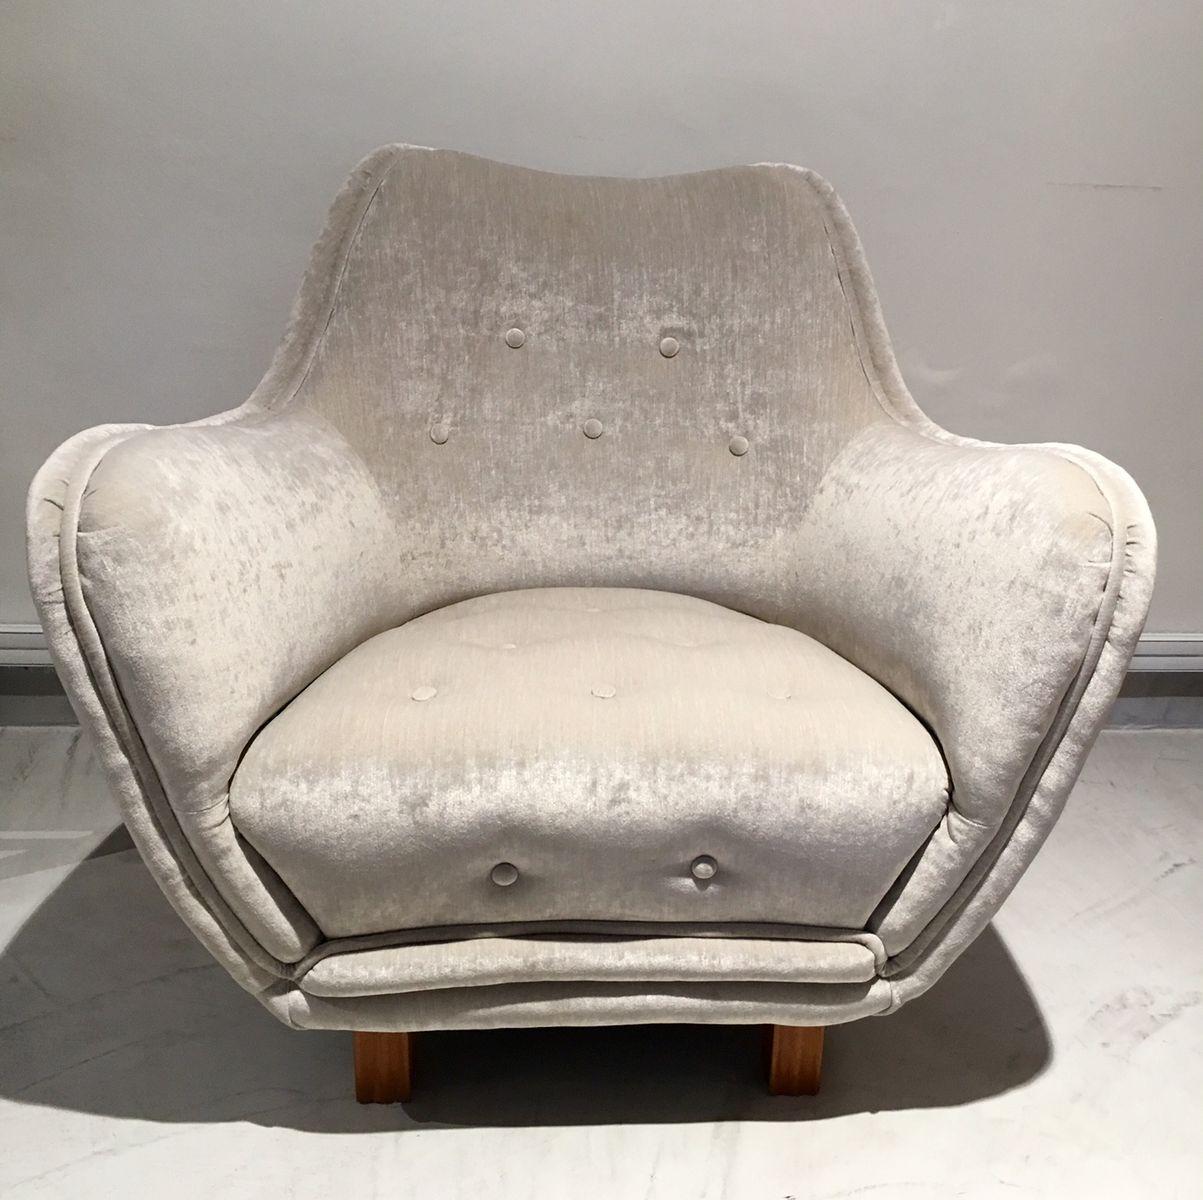 Sessel mit Knöpfen von Levy Carlssons Möbelafärr, 1940er